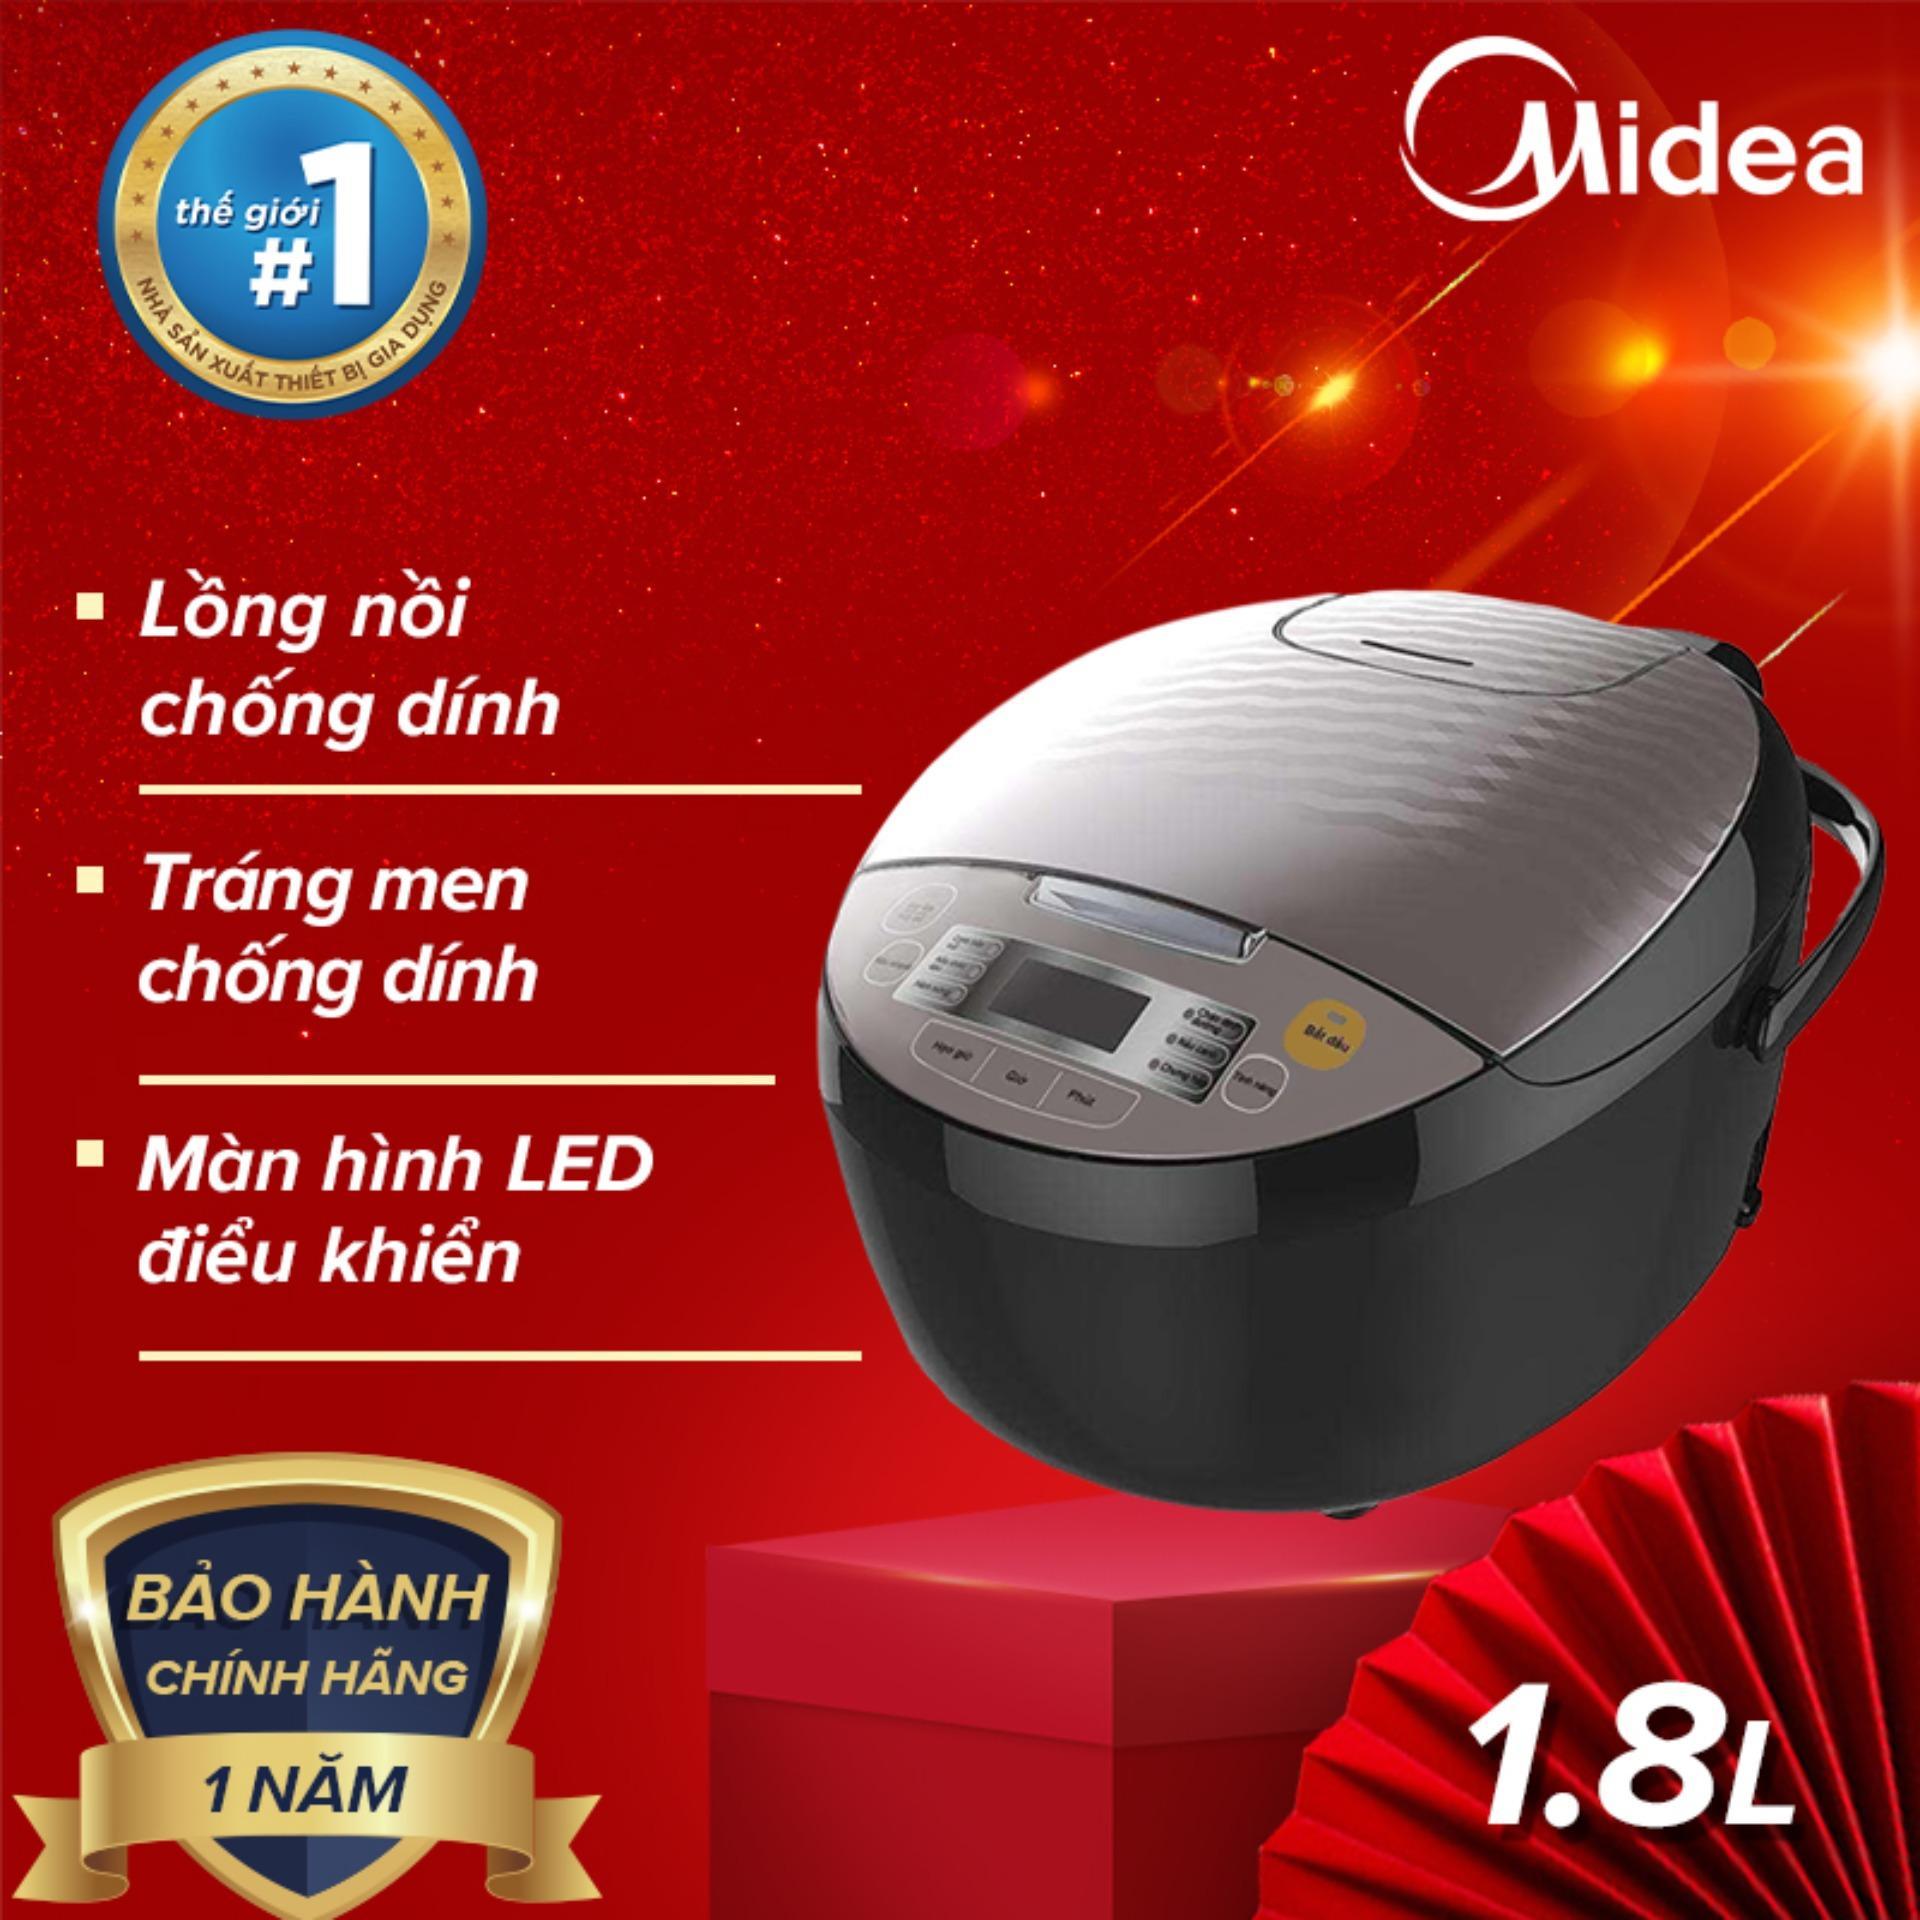 Bảng giá Midea nồi cơm điện tử 1.8L 860W oxi hóa cứng tráng men chống dính bảng điều khiển điện tử hẹn giờ nấu - Bảo hành 1 năm Midea MB-FS5018B Điện máy Pico